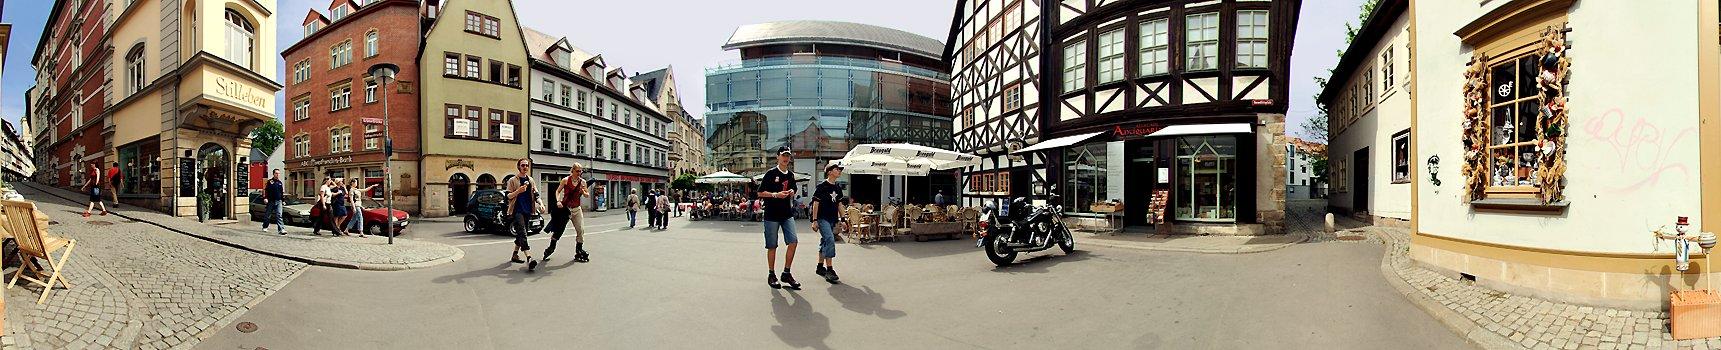 Stilleben Erfurt benediktsplatz erfurt stadtpanorama